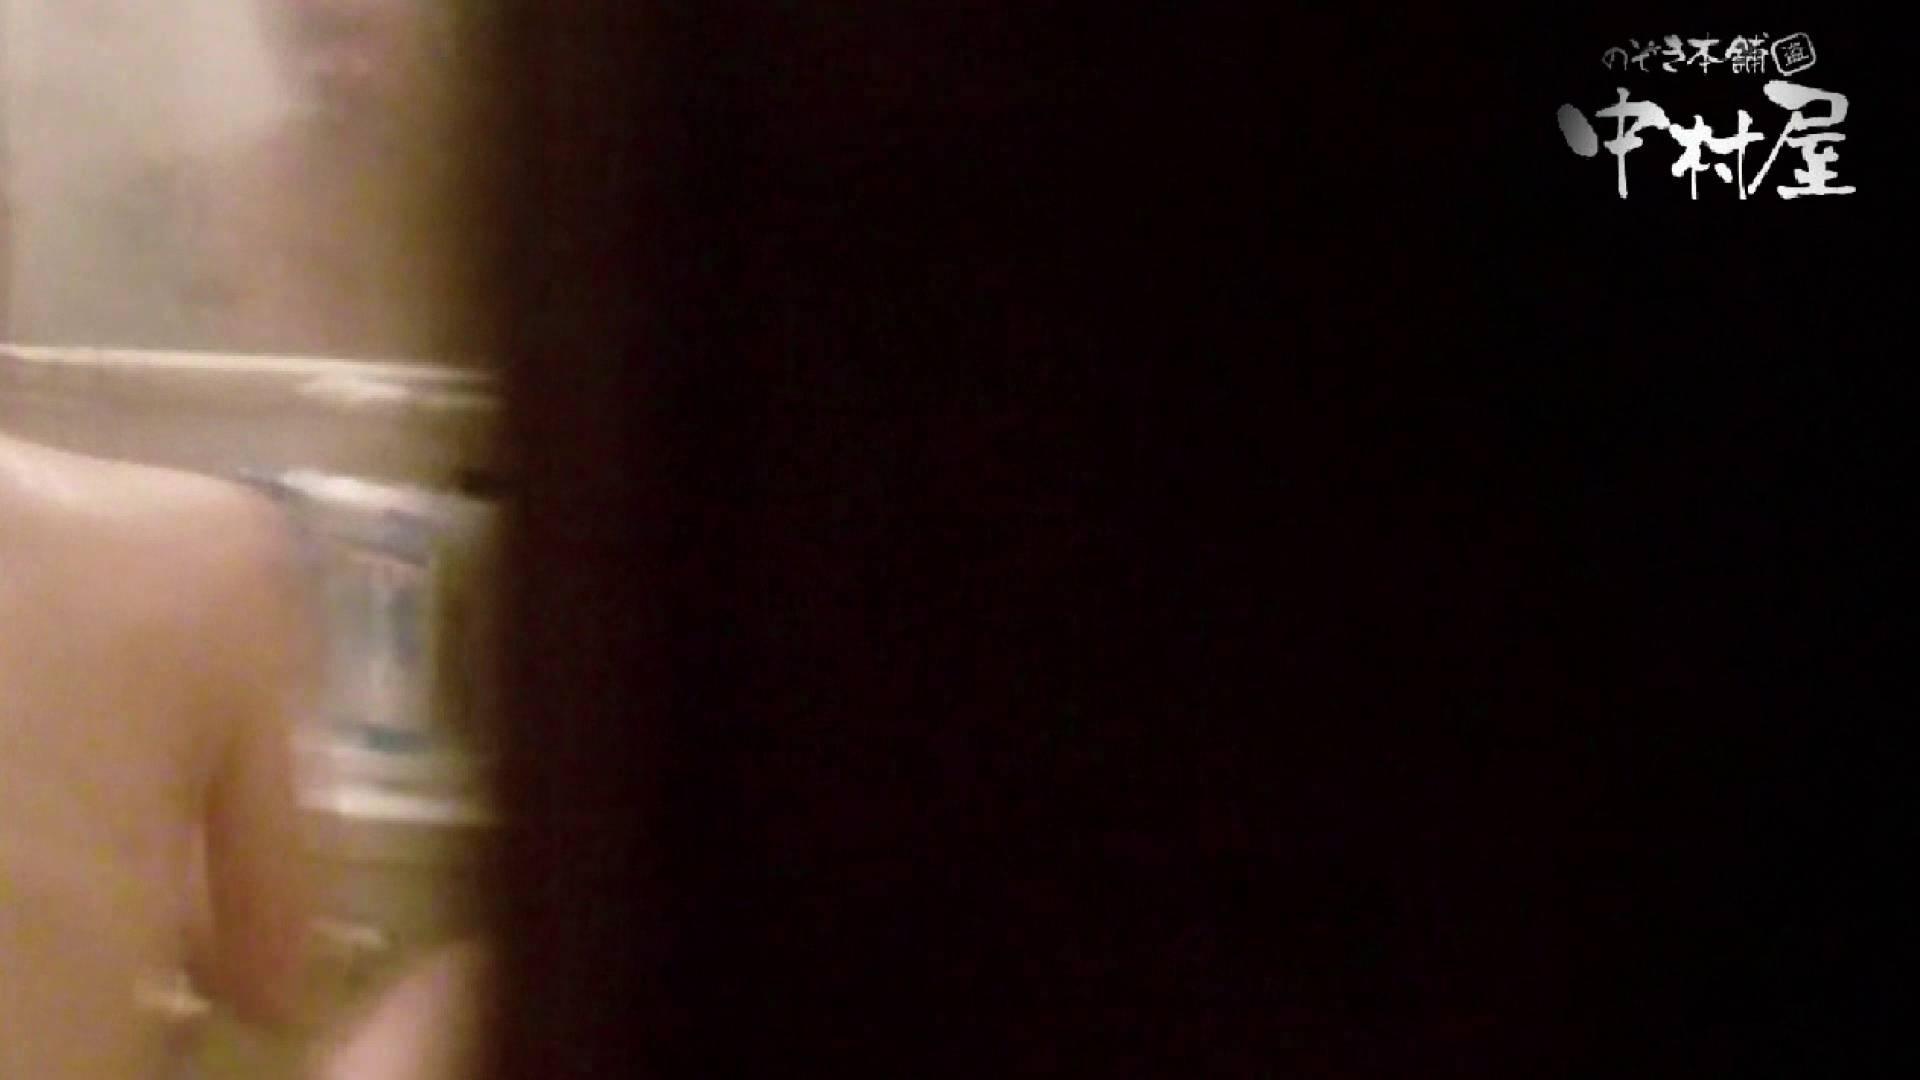 雅さんの独断と偏見で集めた動画集 民家Vol.3 覗きマニア エロ無料画像 12pic 11